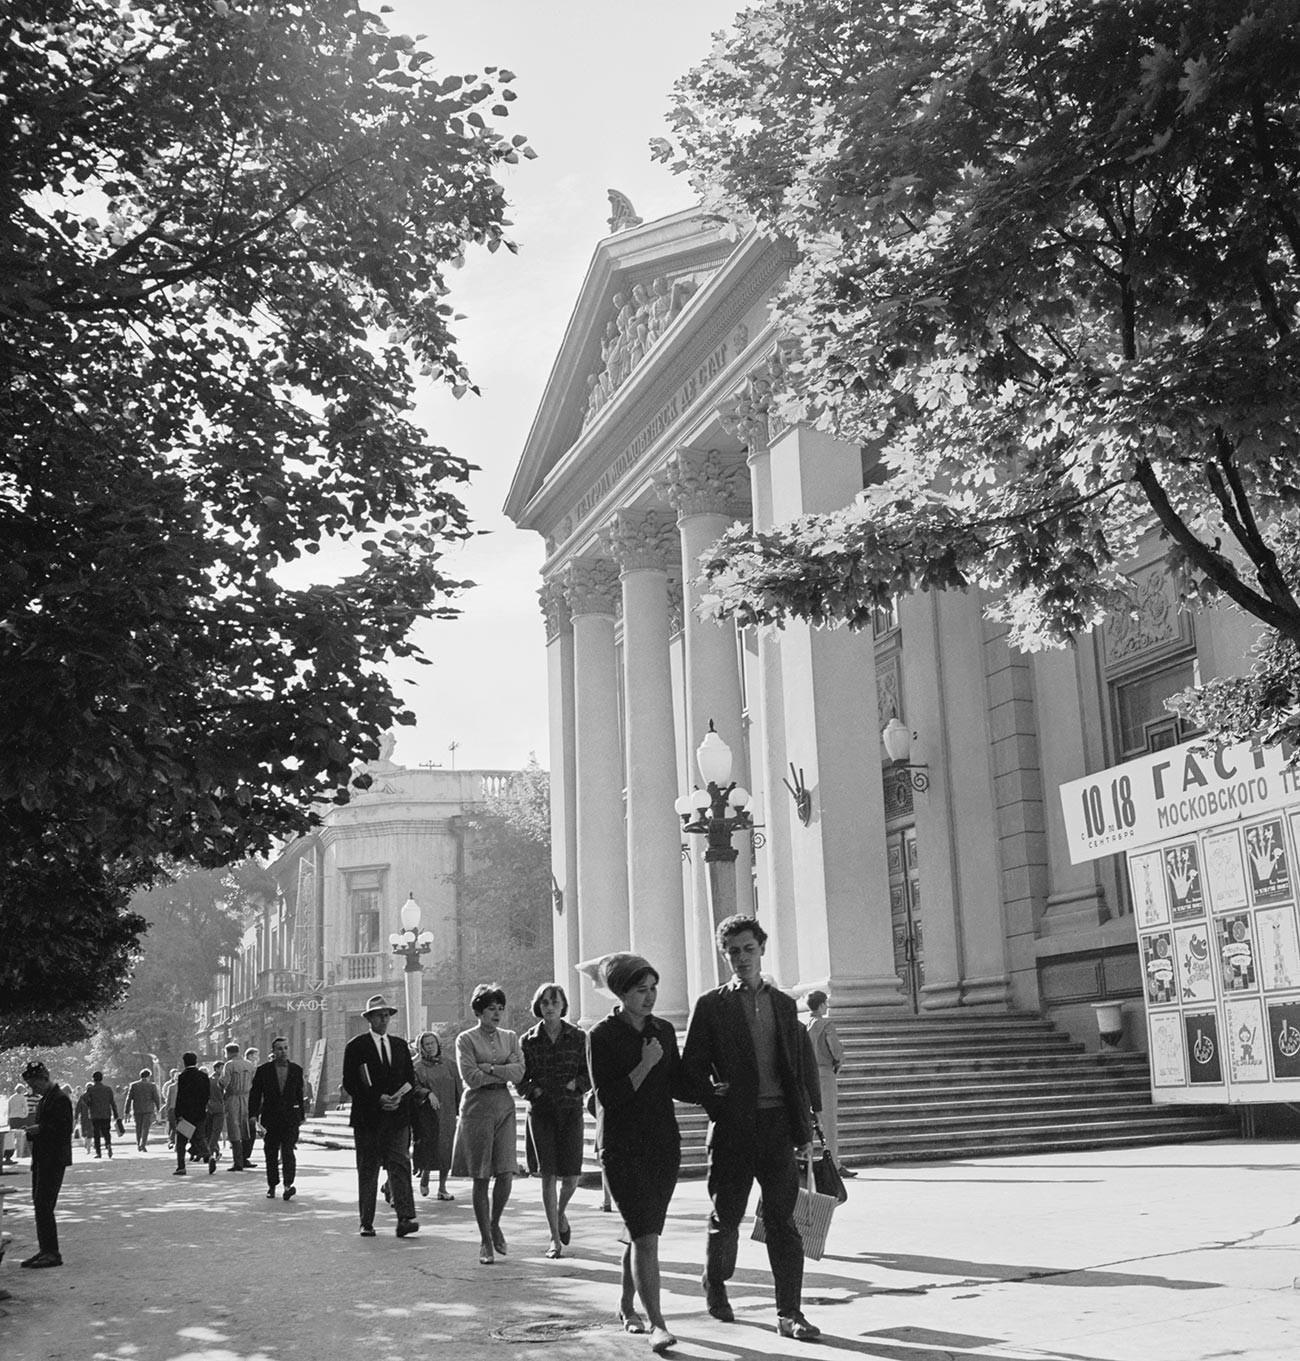 Moldavsko državno glasbeno in dramsko gledališče na Leninovi aveniji v Kišinjevu, 60-ta